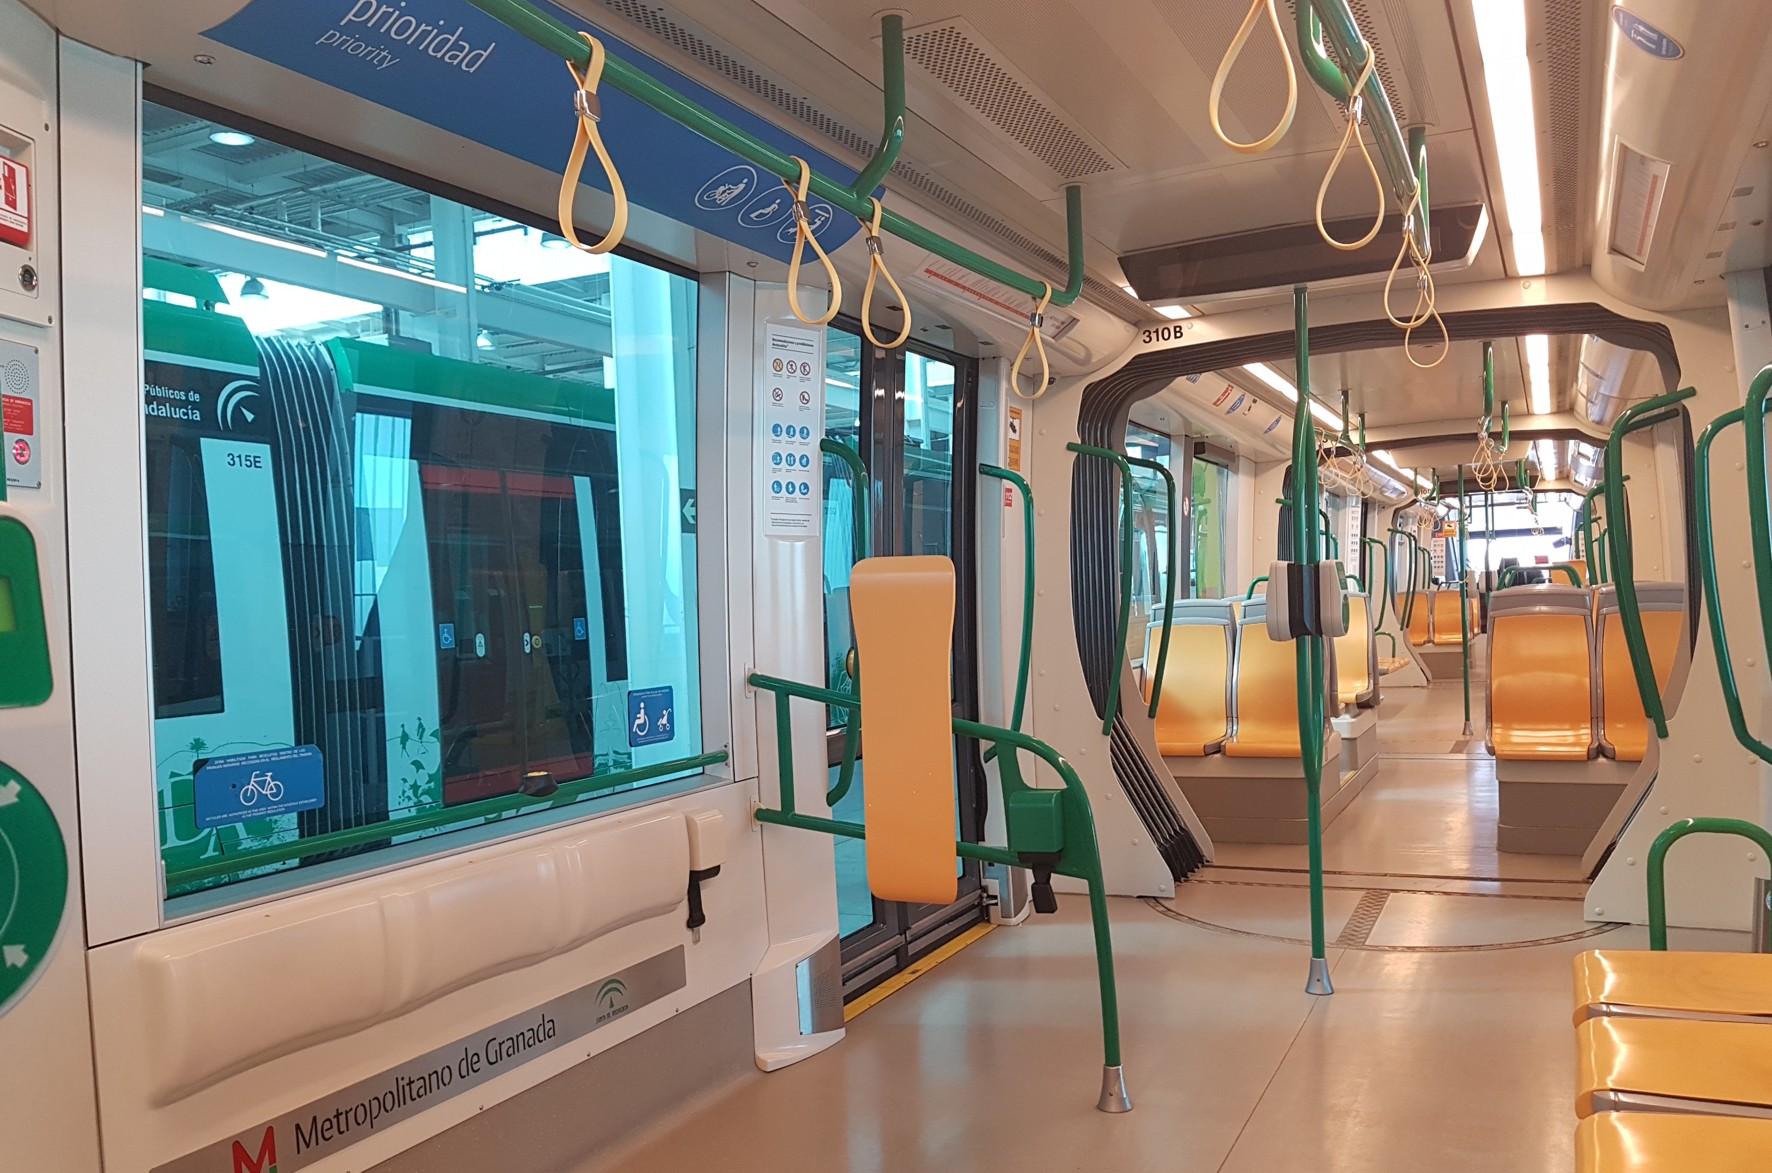 Todas las unidades se han completado con asideros y eliminación de asientos abatibles